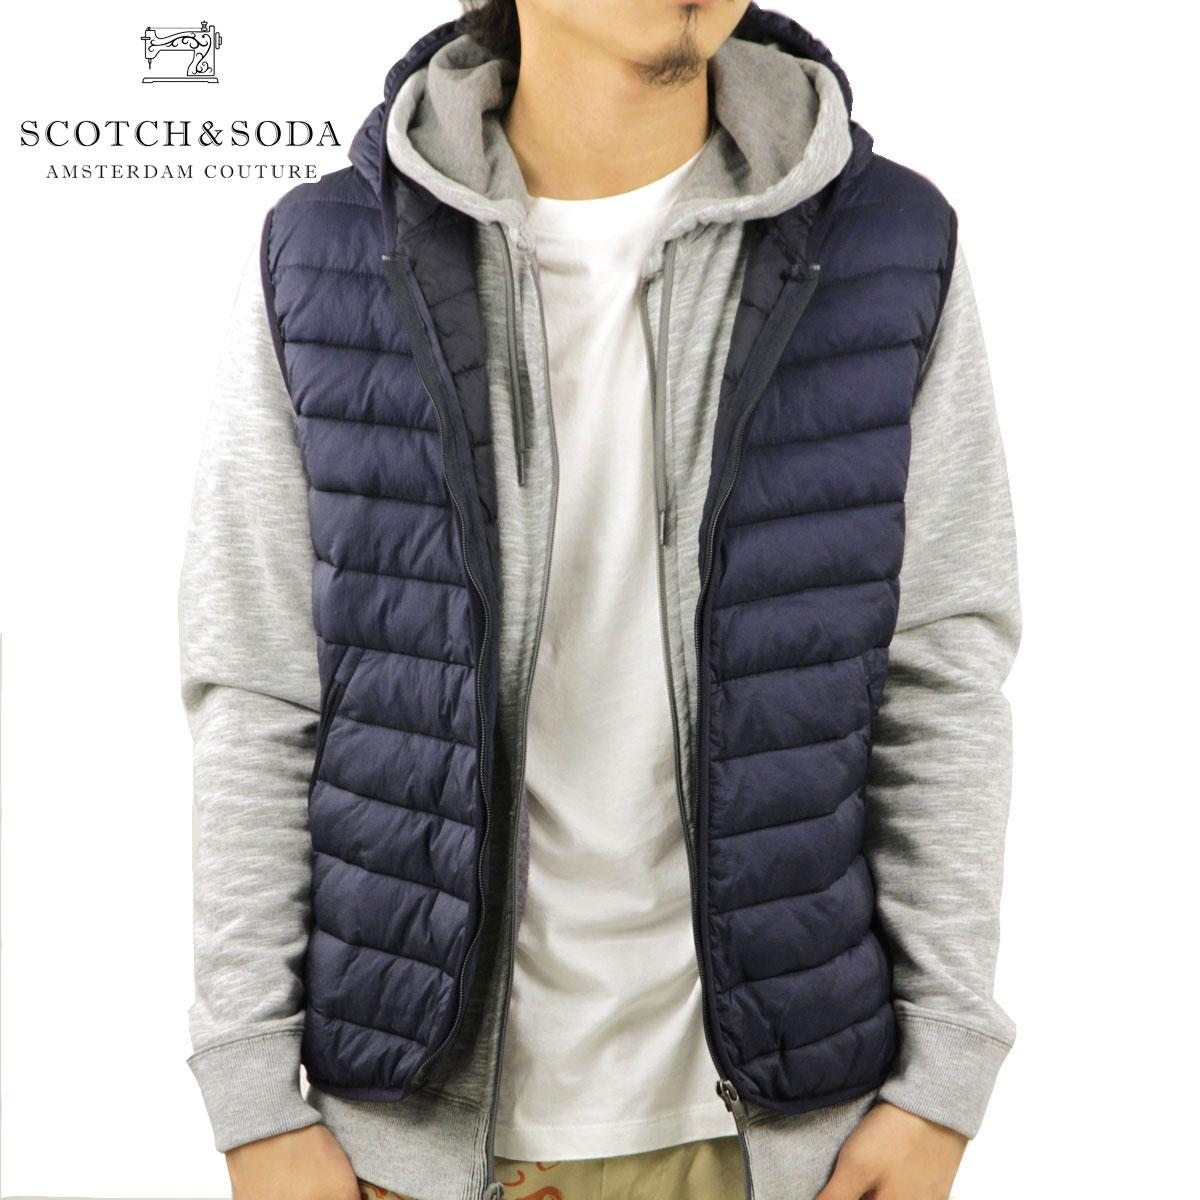 スコッチアンドソーダ SCOTCH&SODA 正規販売店 メンズ アウターベスト Hooded bodywarmer. 132159 57 D00S20